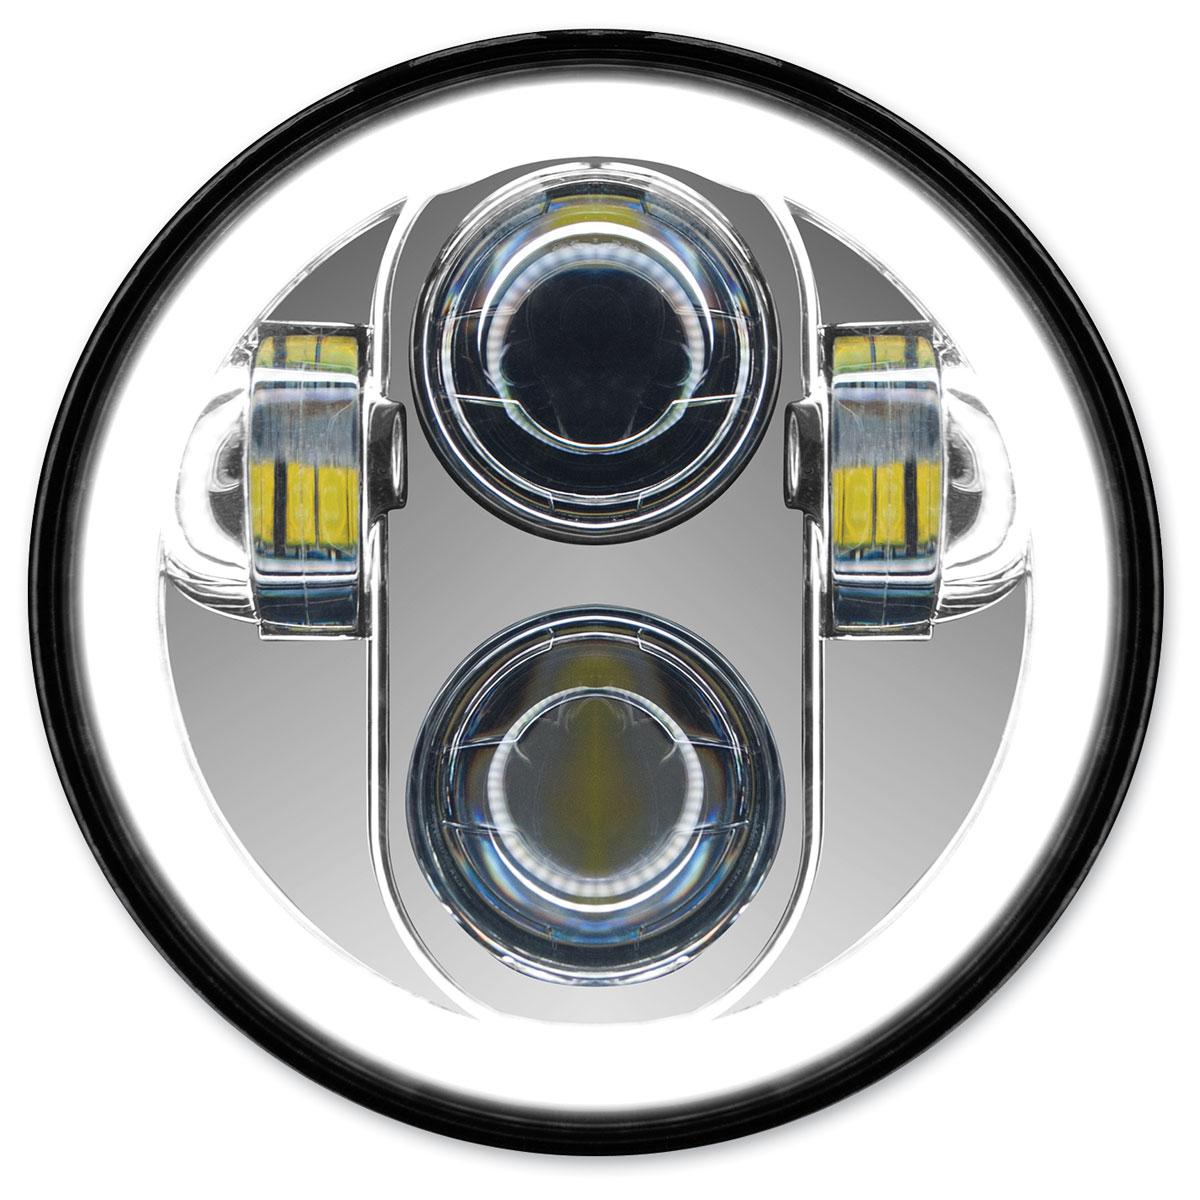 HogWorkz 5-3/4″ LED Chrome HaloMaker Headlight